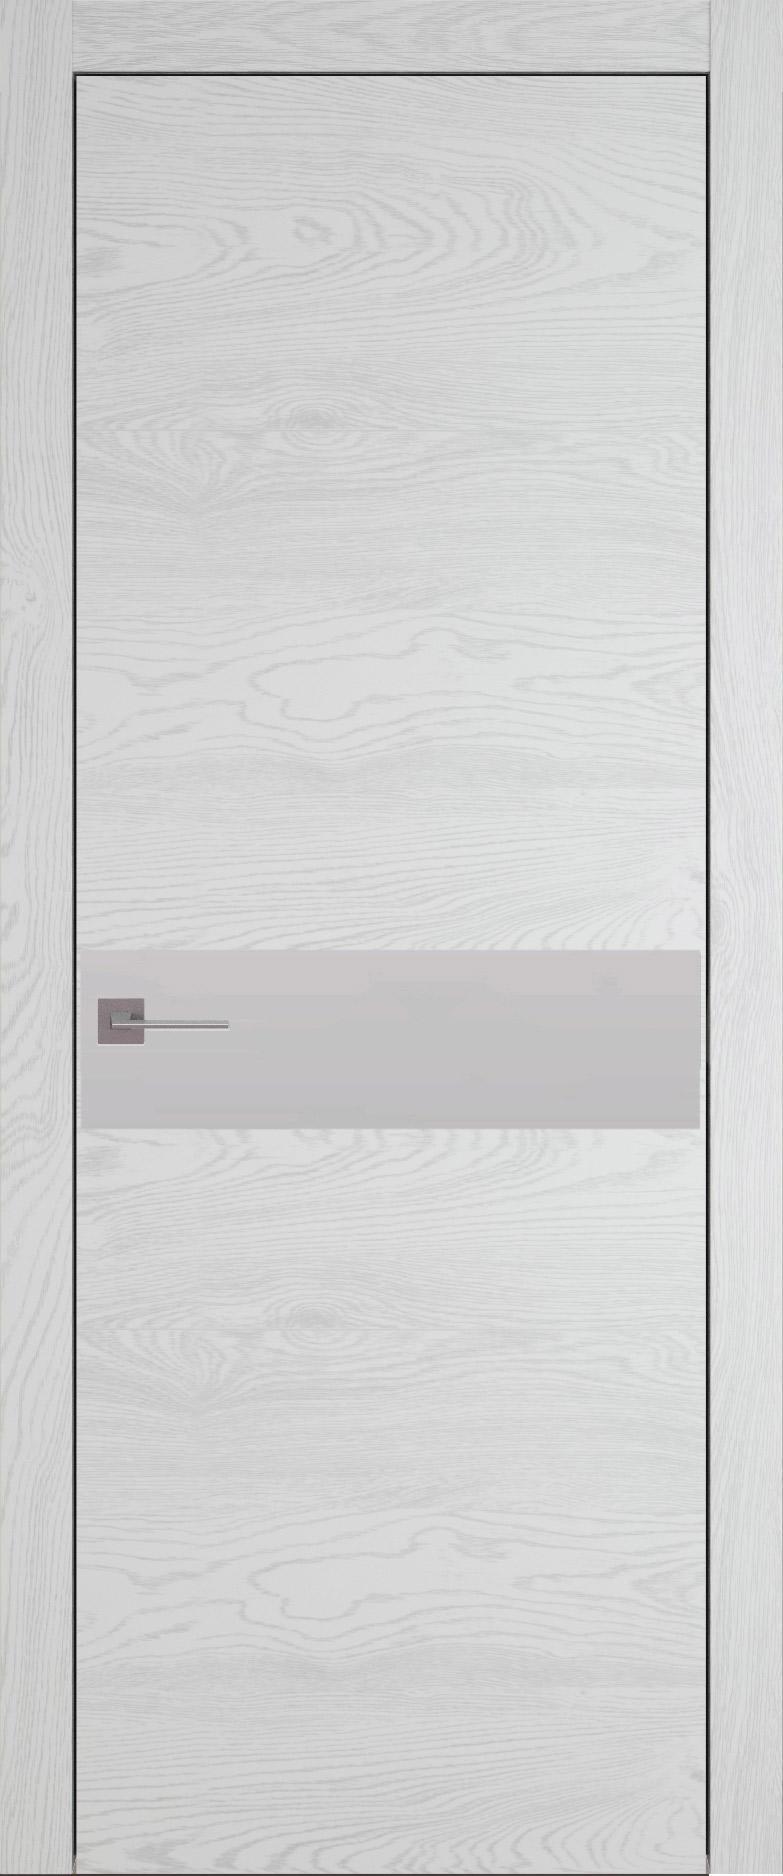 Tivoli И-4 цвет - Белый ясень (шпон) Без стекла (ДГ)